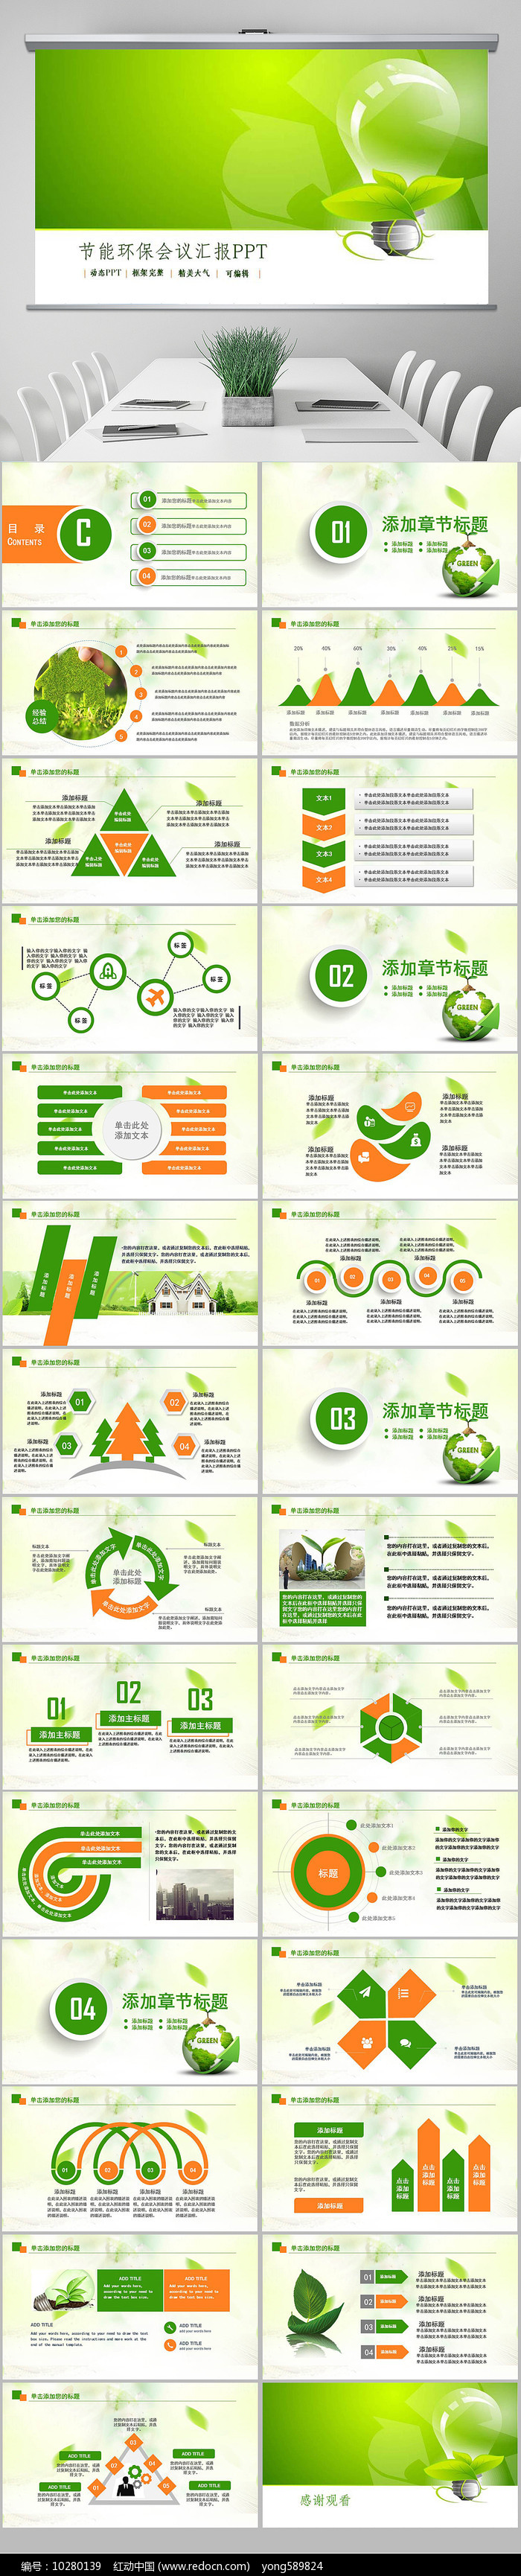 绿色环保节能学校教育企事业PPT